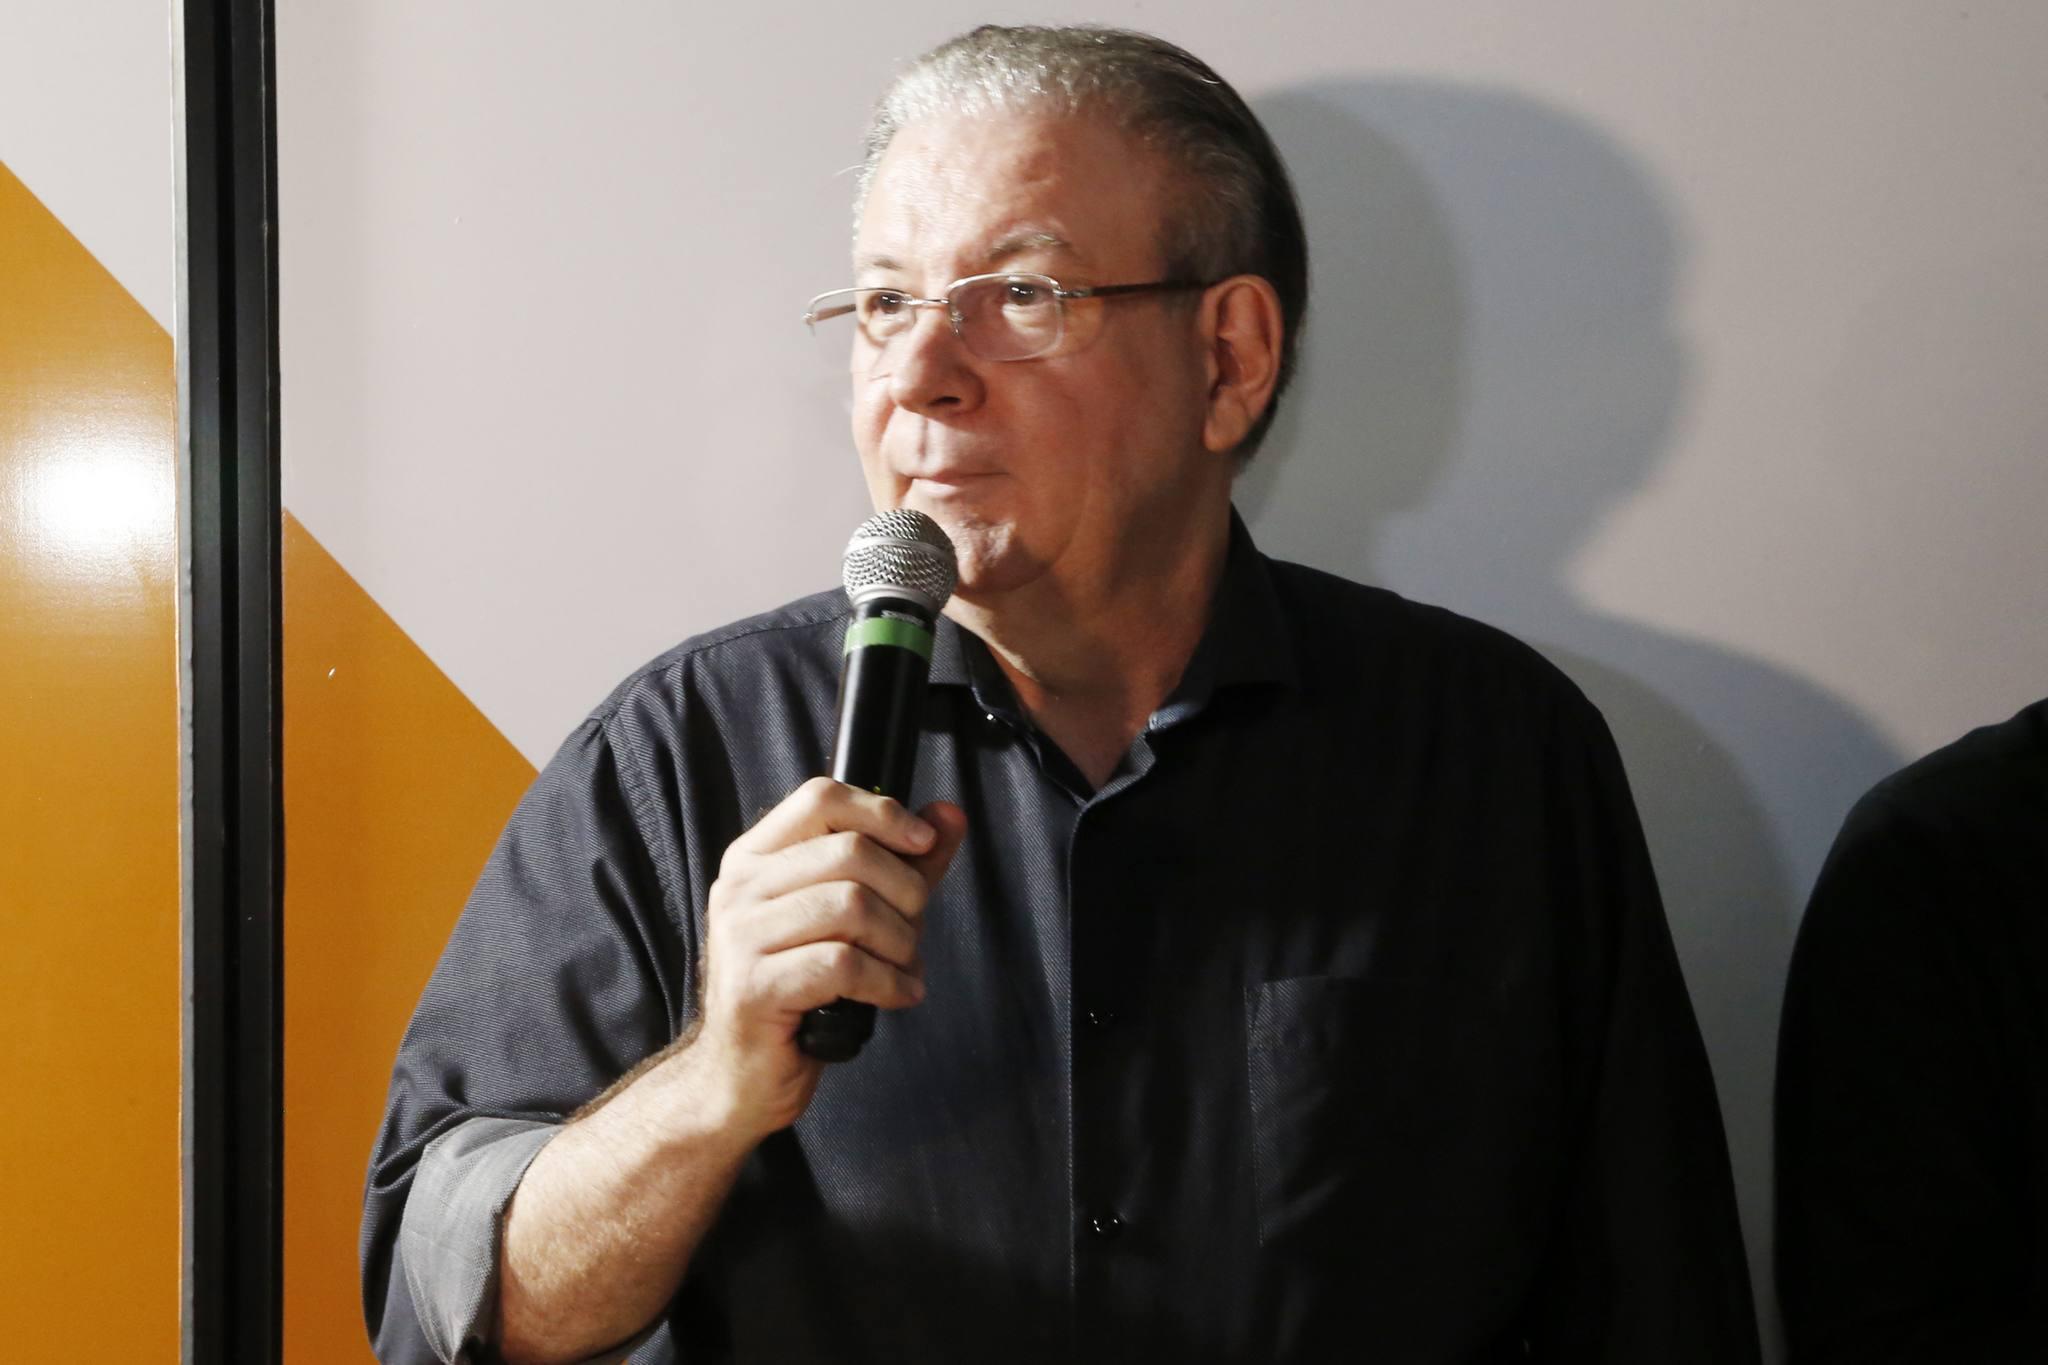 Pavimentando o futuro - Ricardo Cavalcante inaugura o novo espaço do IEL Ceará,na Casa da Indústria